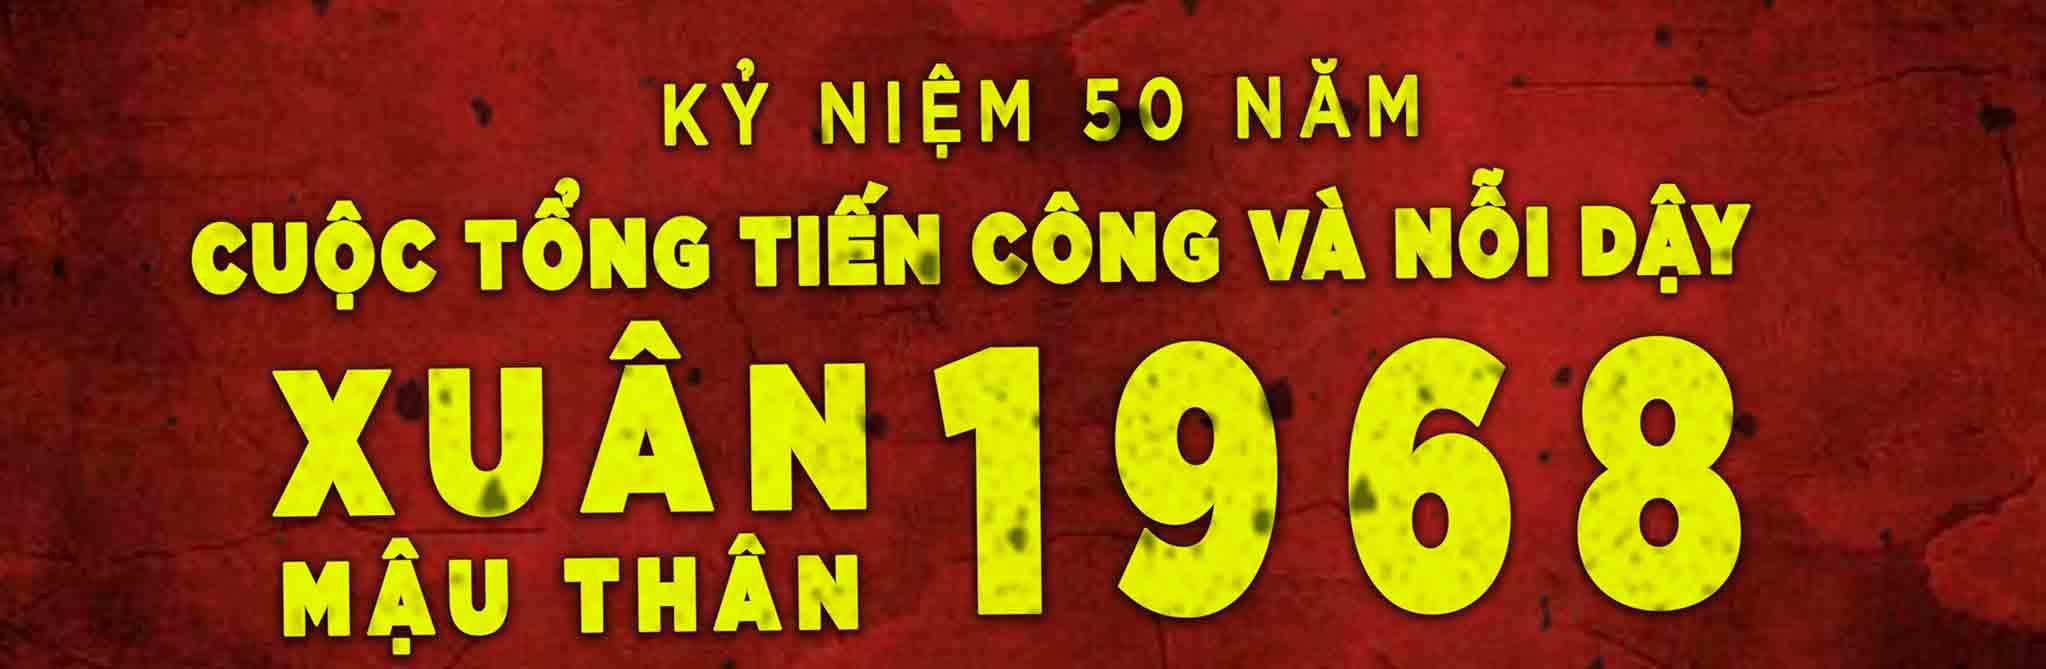 Ý nghĩa chiến lược và bài học lịch sử của cuộc Tổng tiến công và nổi dậy Tết Mậu thân 1968